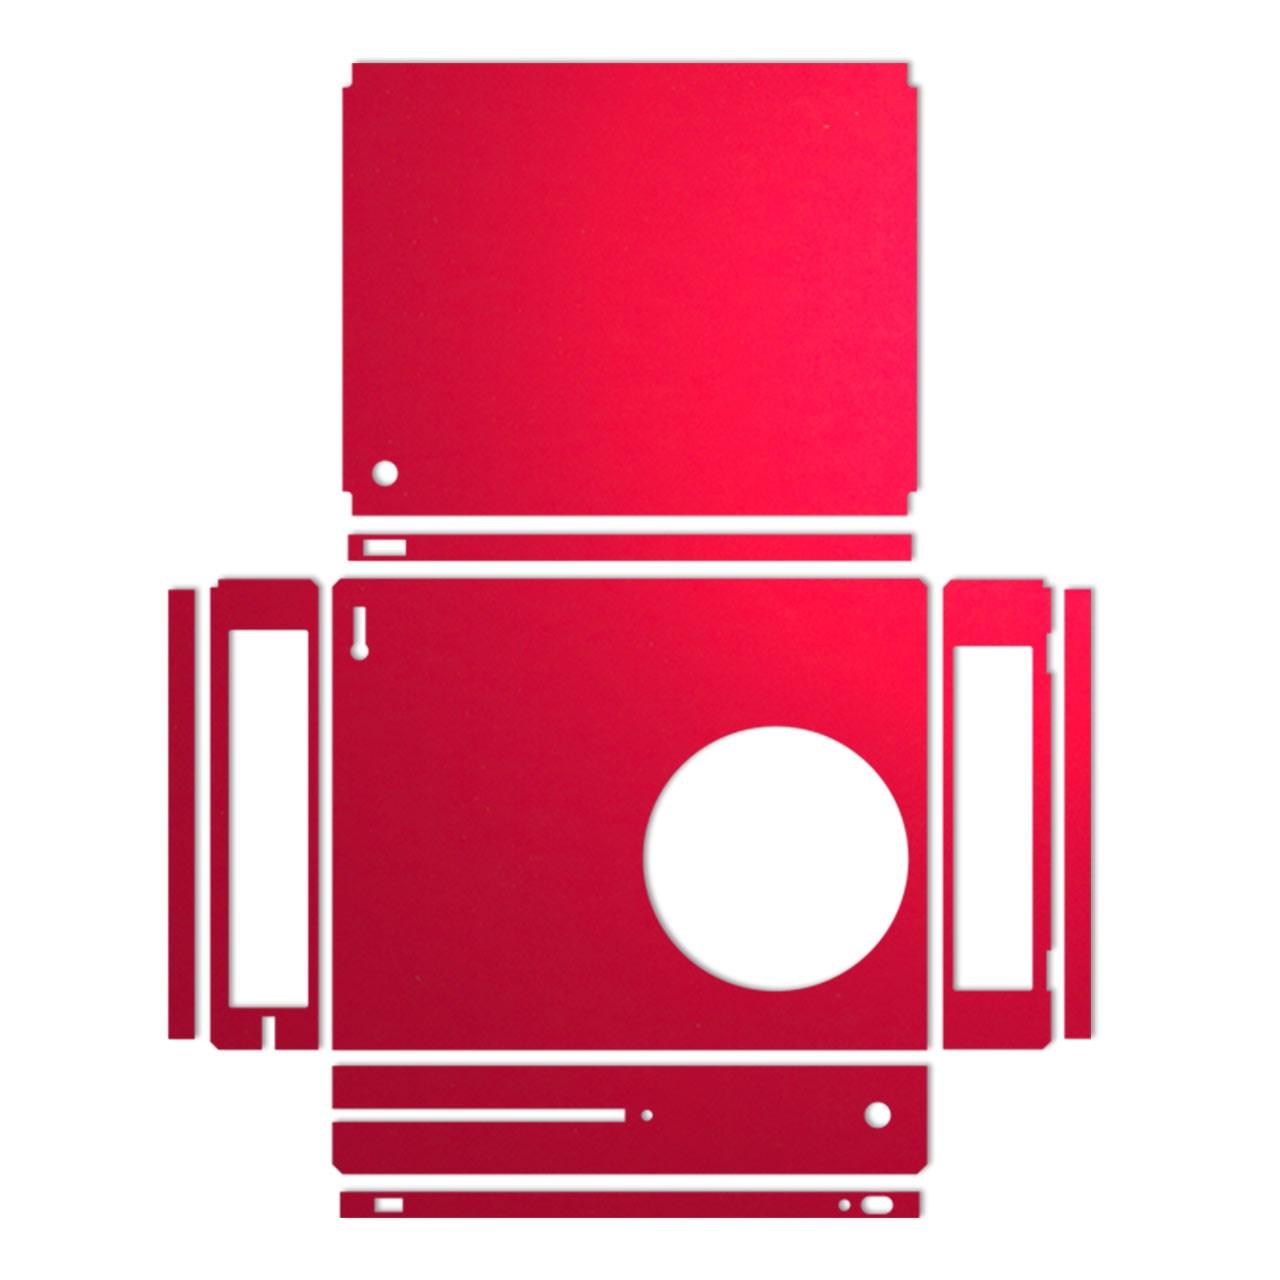 برچسب ماهوت مدلRed Color Special مناسب برای کنسول بازی Xbox One S